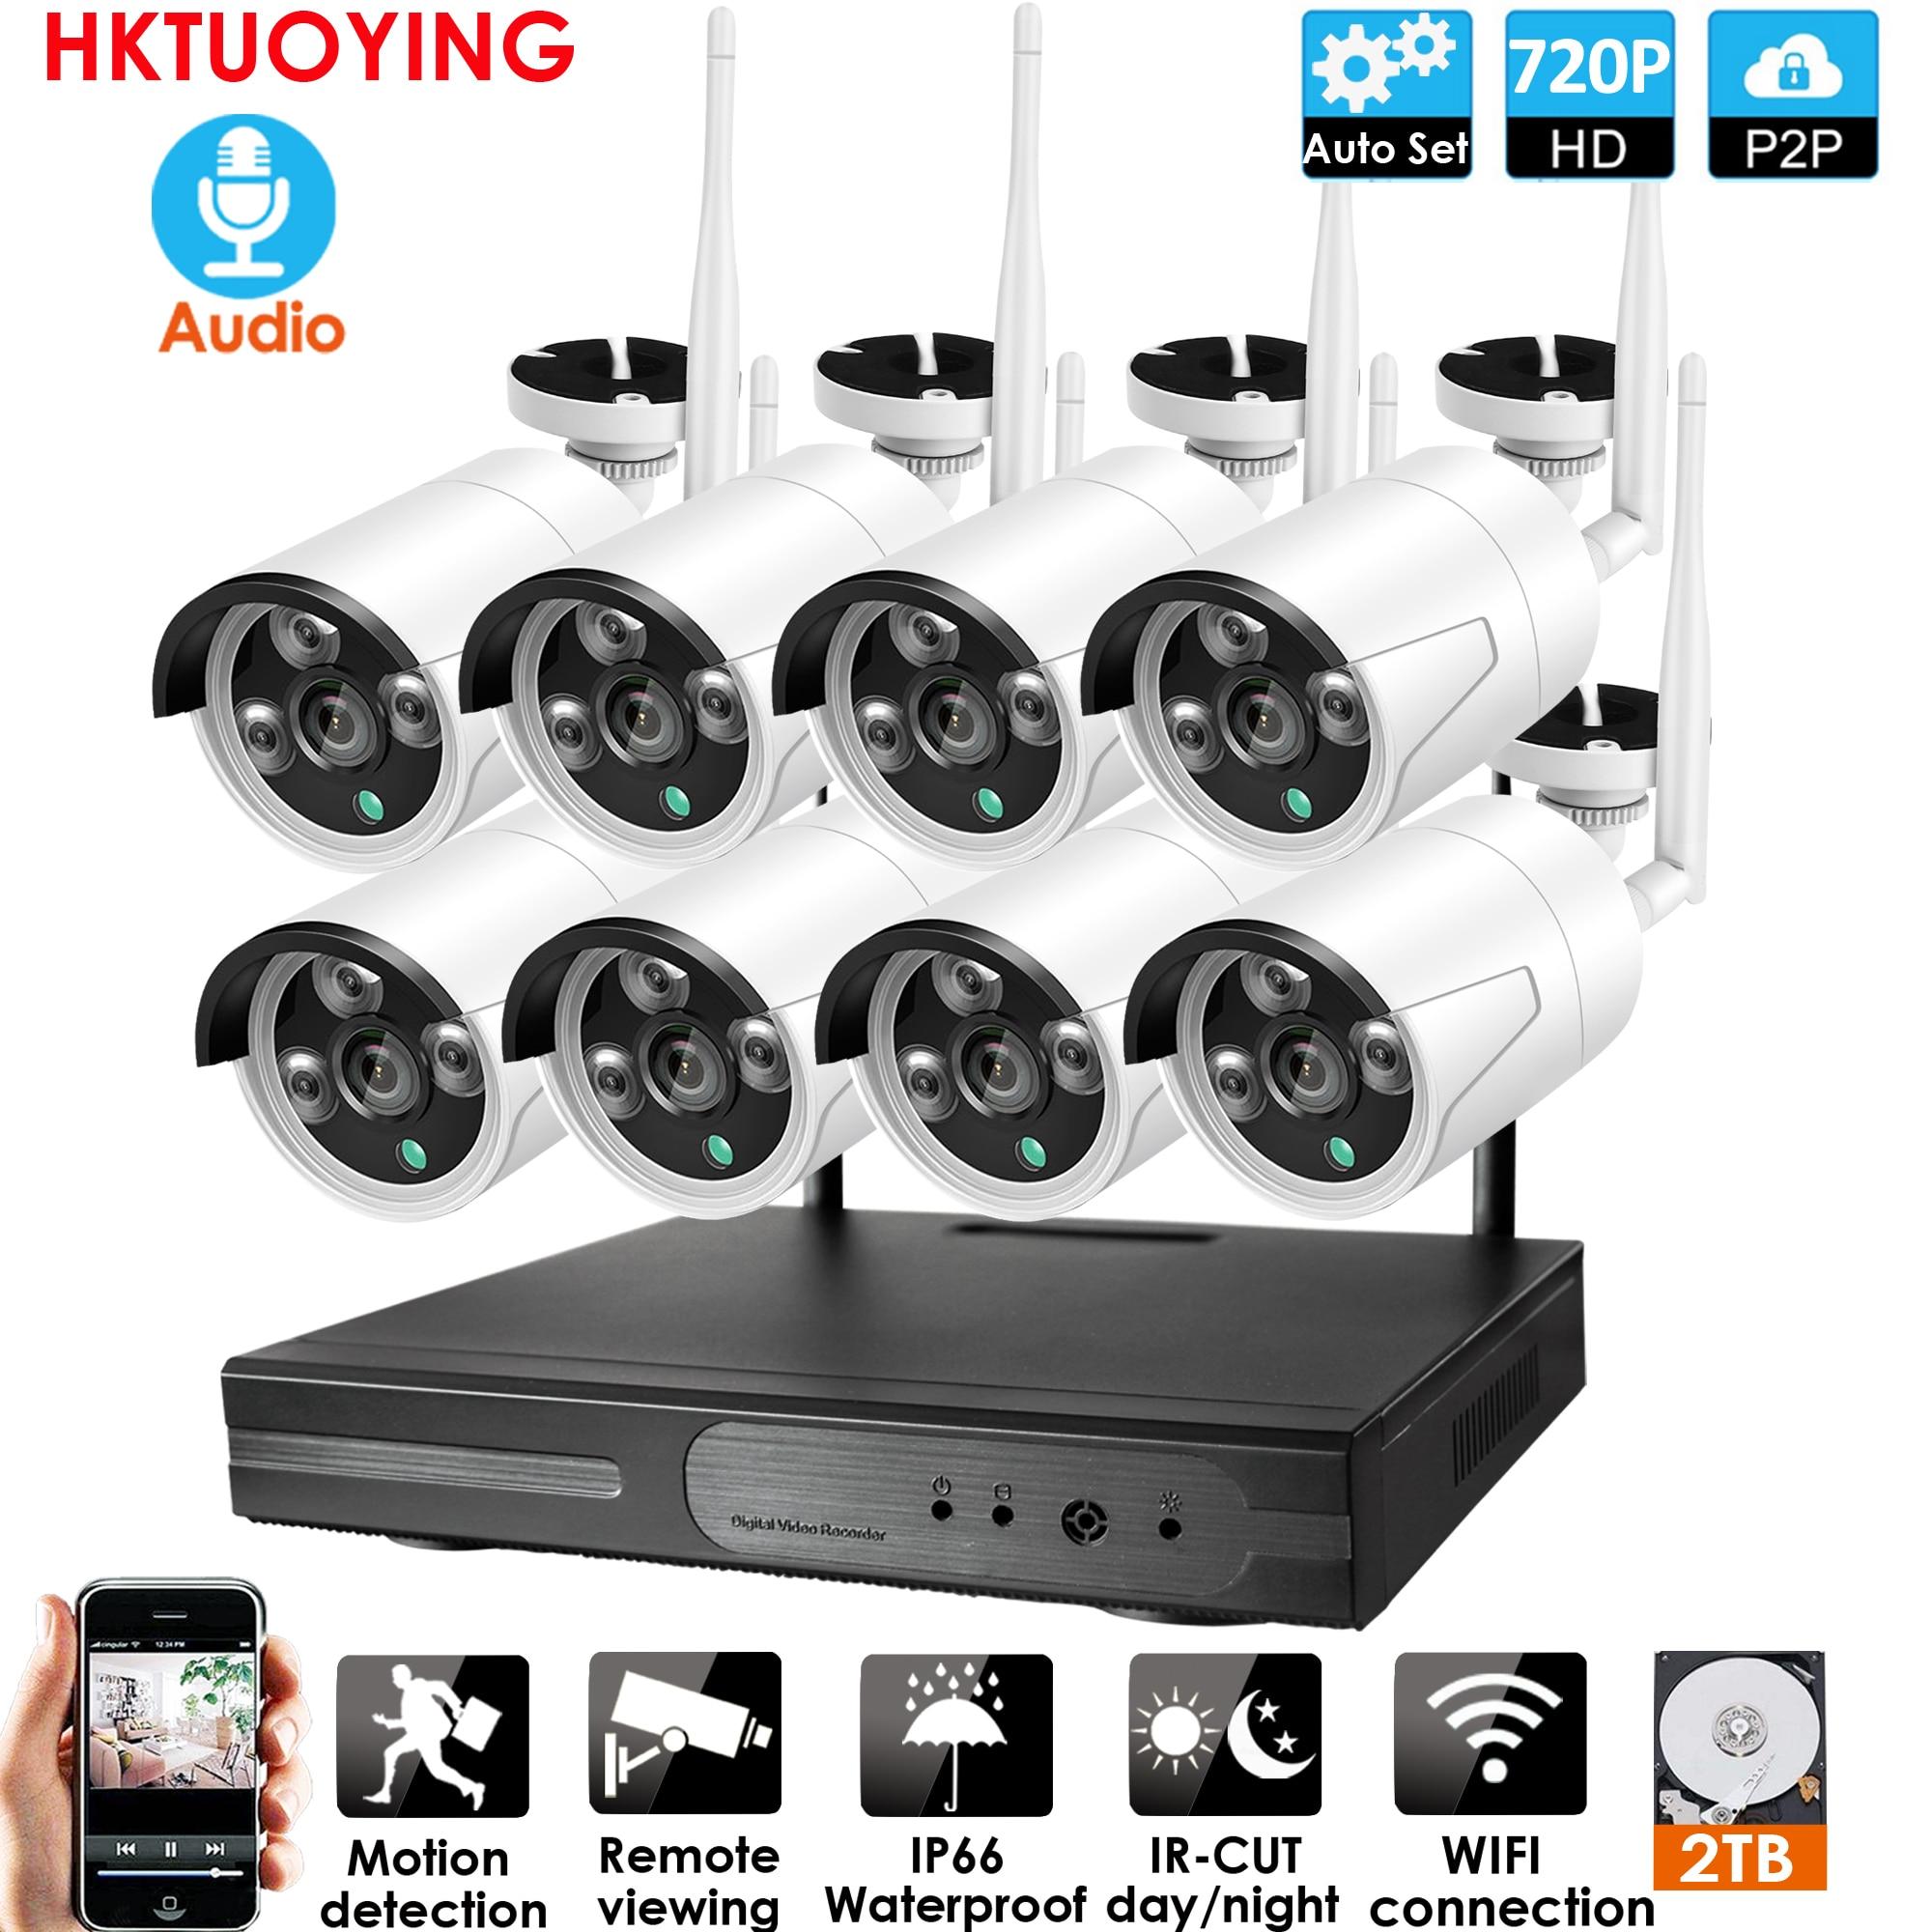 8CH Audio 1080P HD sans fil NVR Kit P2P 720P intérieur extérieur Vision nocturne sécurité 1.0MP IP caméra WIFI système de vidéosurveillance